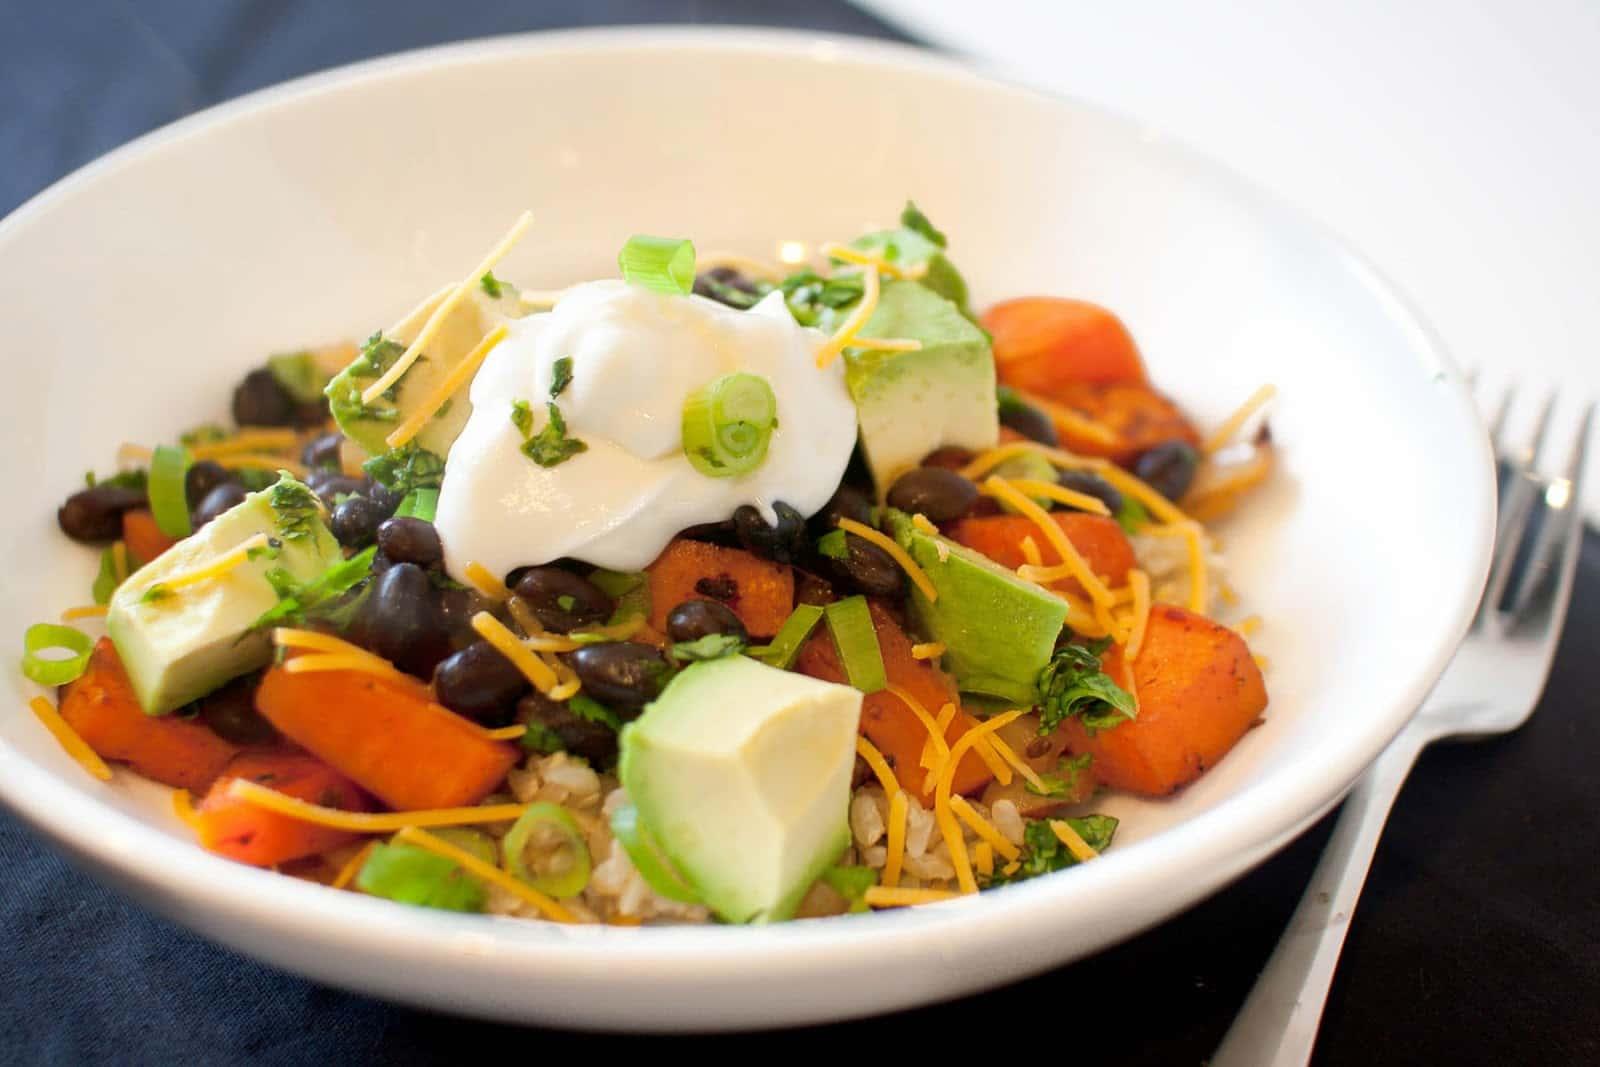 Dieta vegana a base di proteine vegetali riduce il rischio di morte studio 1 - Dieta vegana a base di proteine vegetali riduce il rischio di morte (studio)